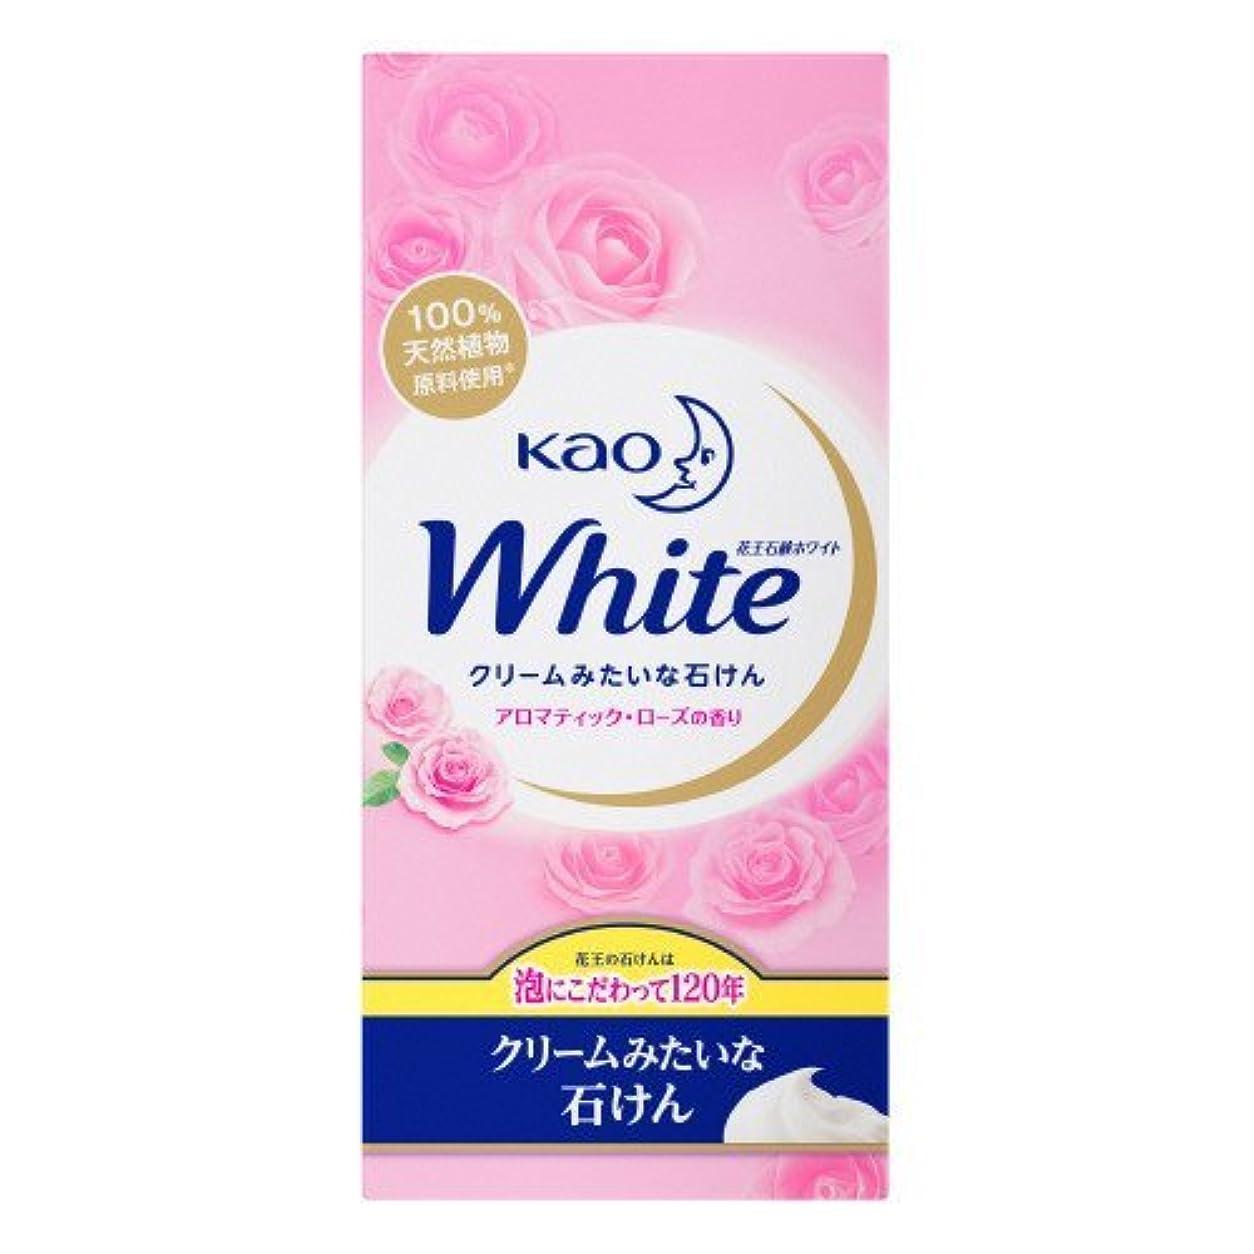 ダムピクニック男【花王】花王ホワイト アロマティックローズの香りレギュラーサイズ (85g×6個) ×20個セット